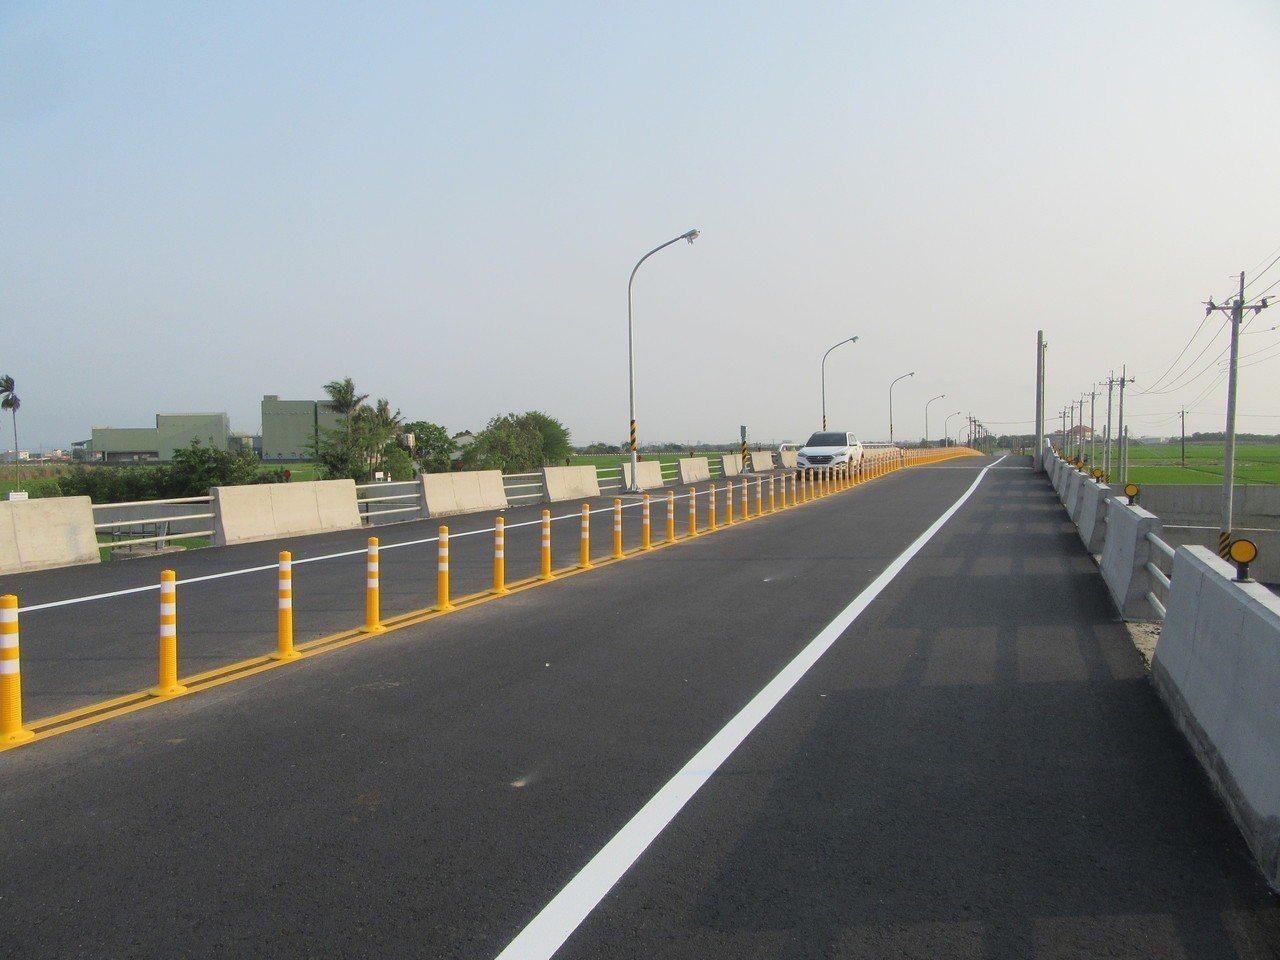 台南市南82線後壁區菁寮排水新嘉橋在清明節假期前開放通車。圖/台南市工務局提供